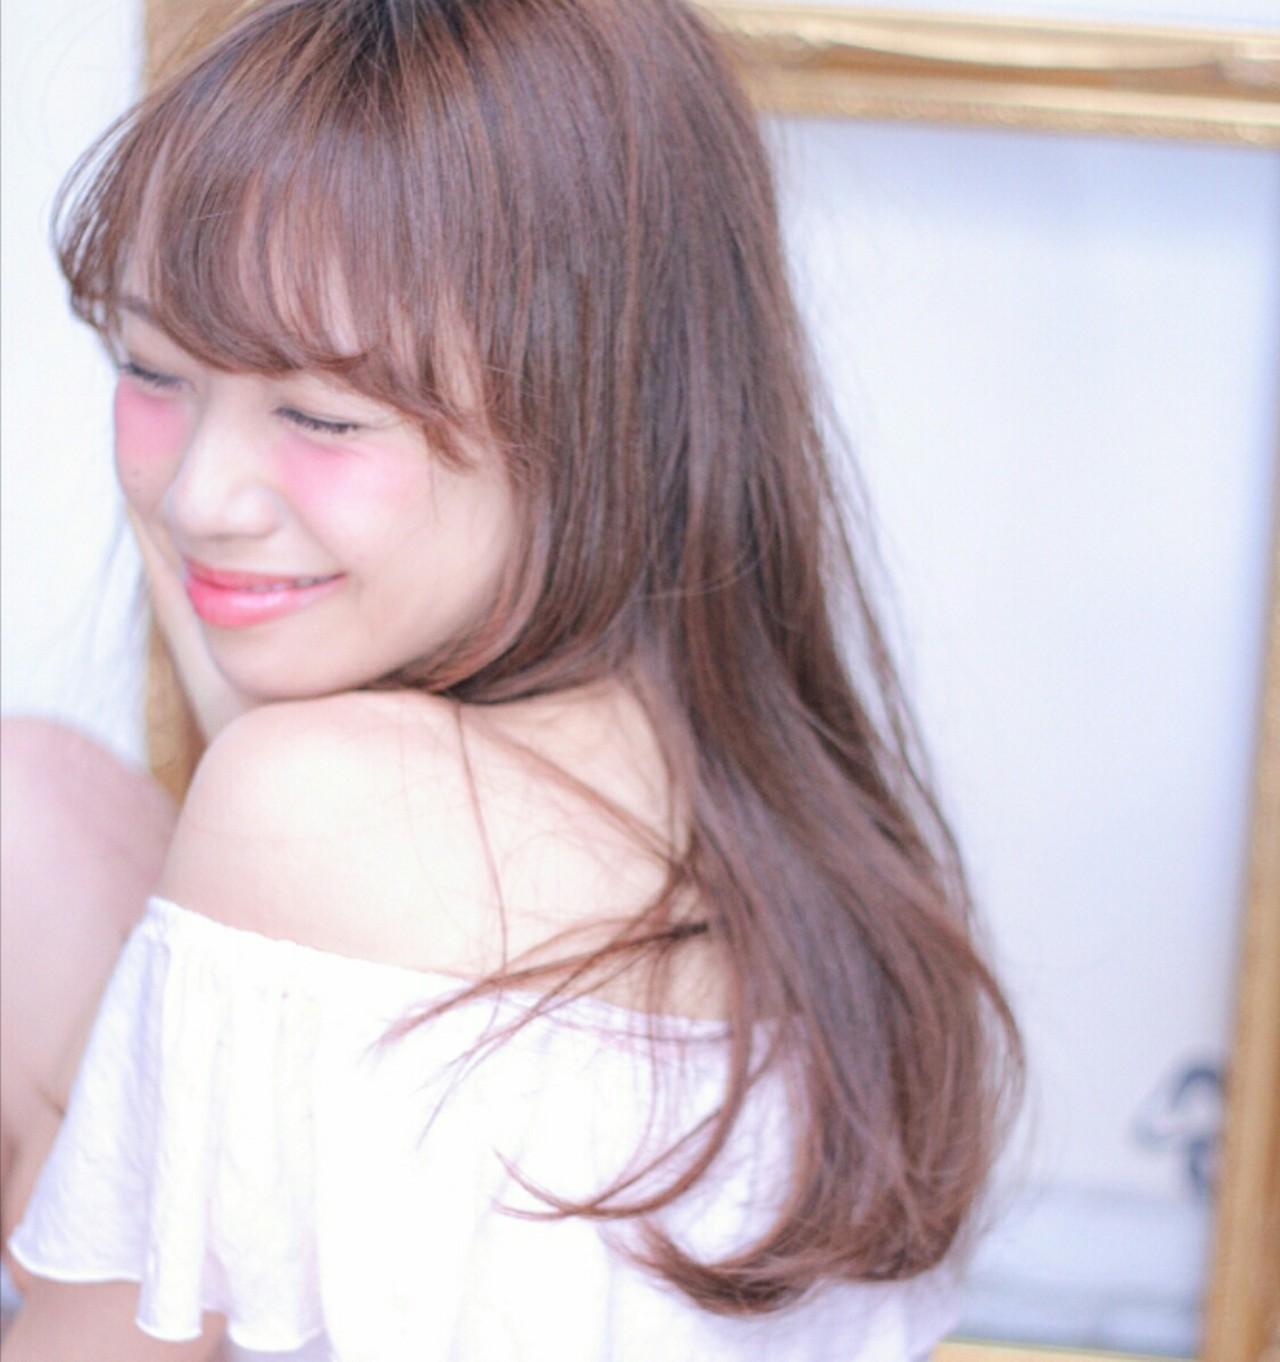 「ロングストレート」で女度高まる髪型を「タイプ別」に紹介します♡の2枚目の画像